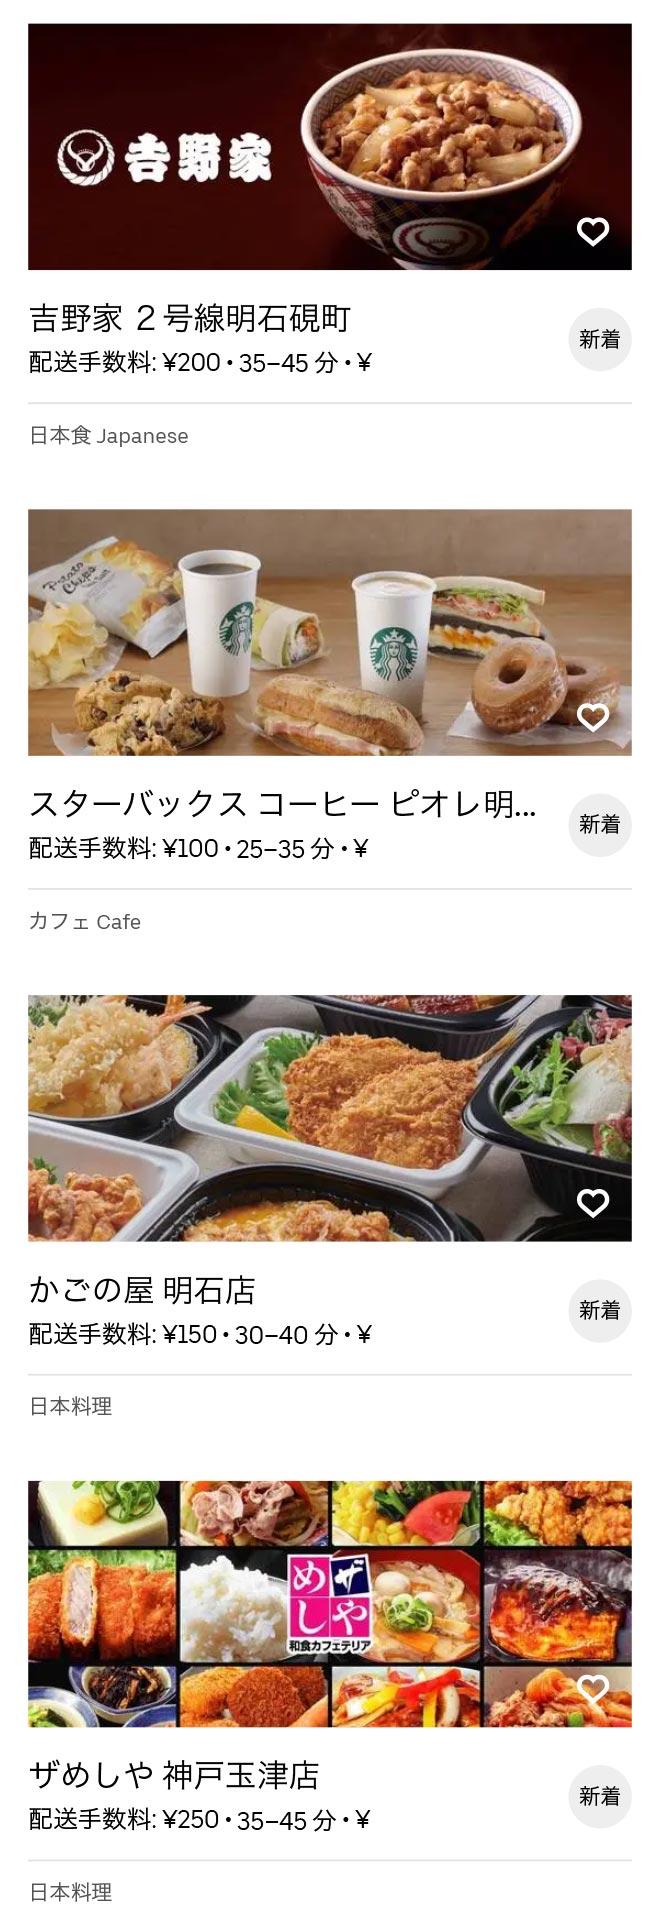 Sanyo akashi menu 2010 05